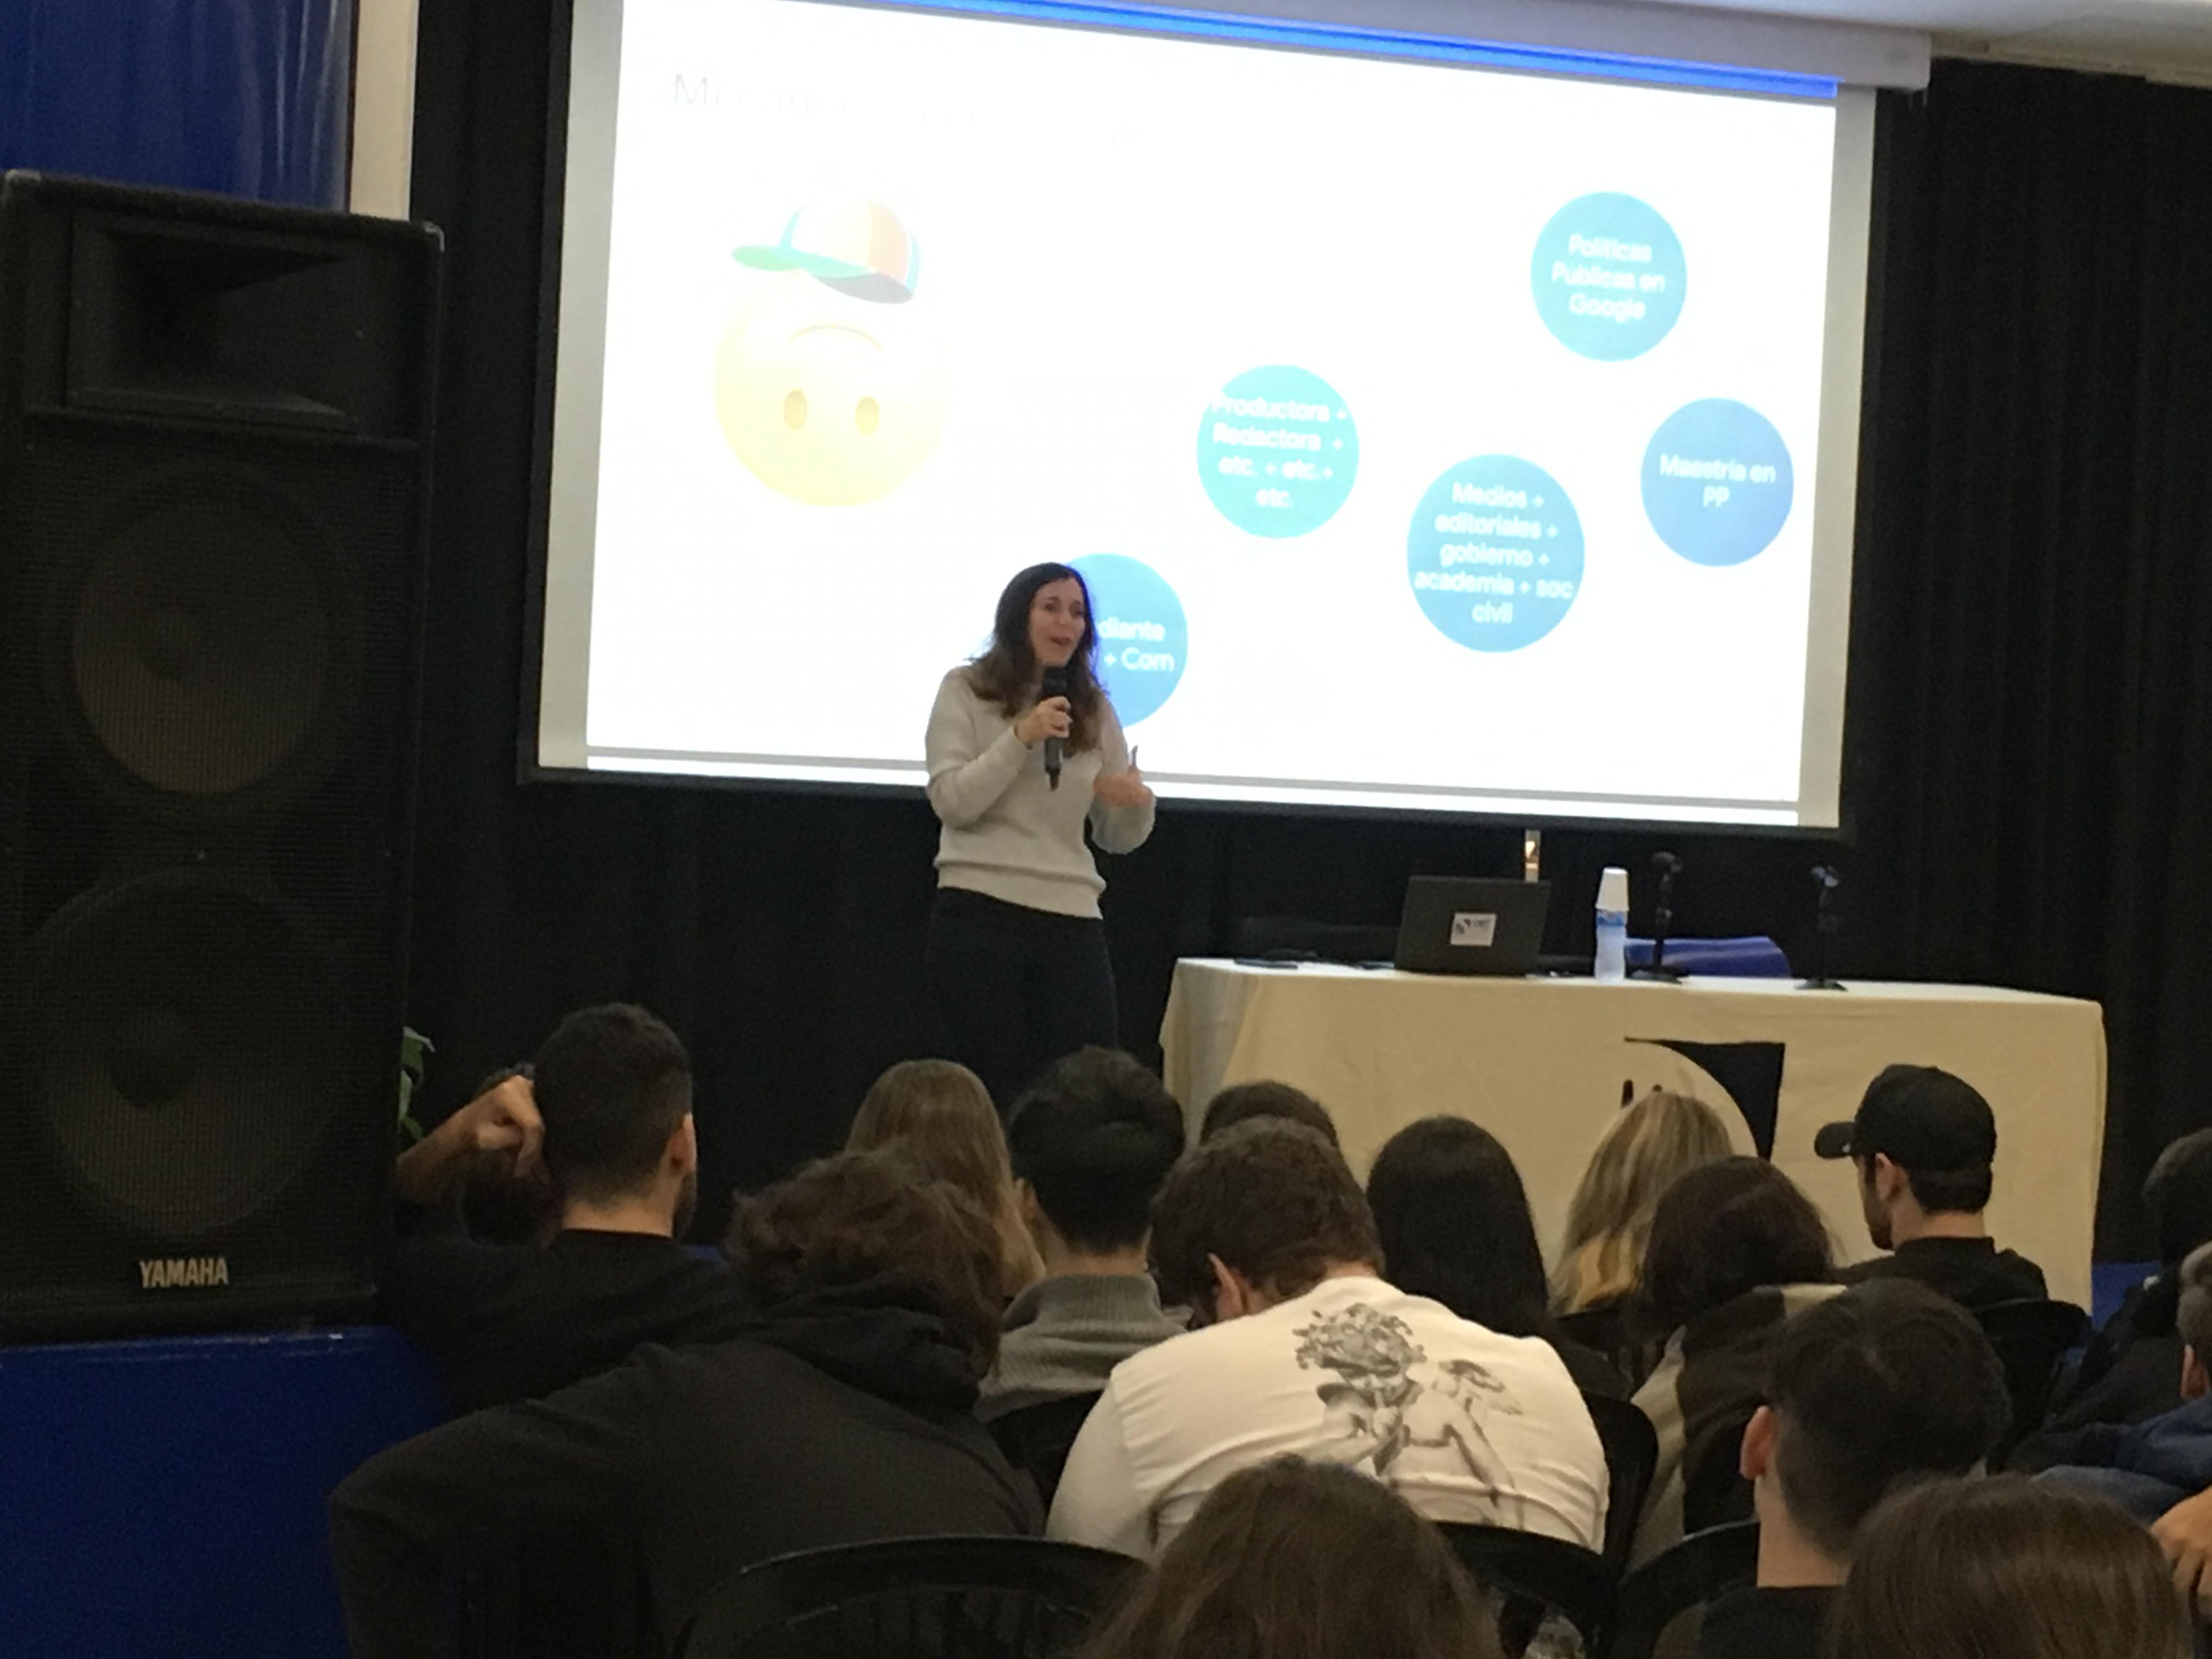 Una nueva Charla Zoom reunión a los chicos de la especialización Producción de Medios de Comunicación